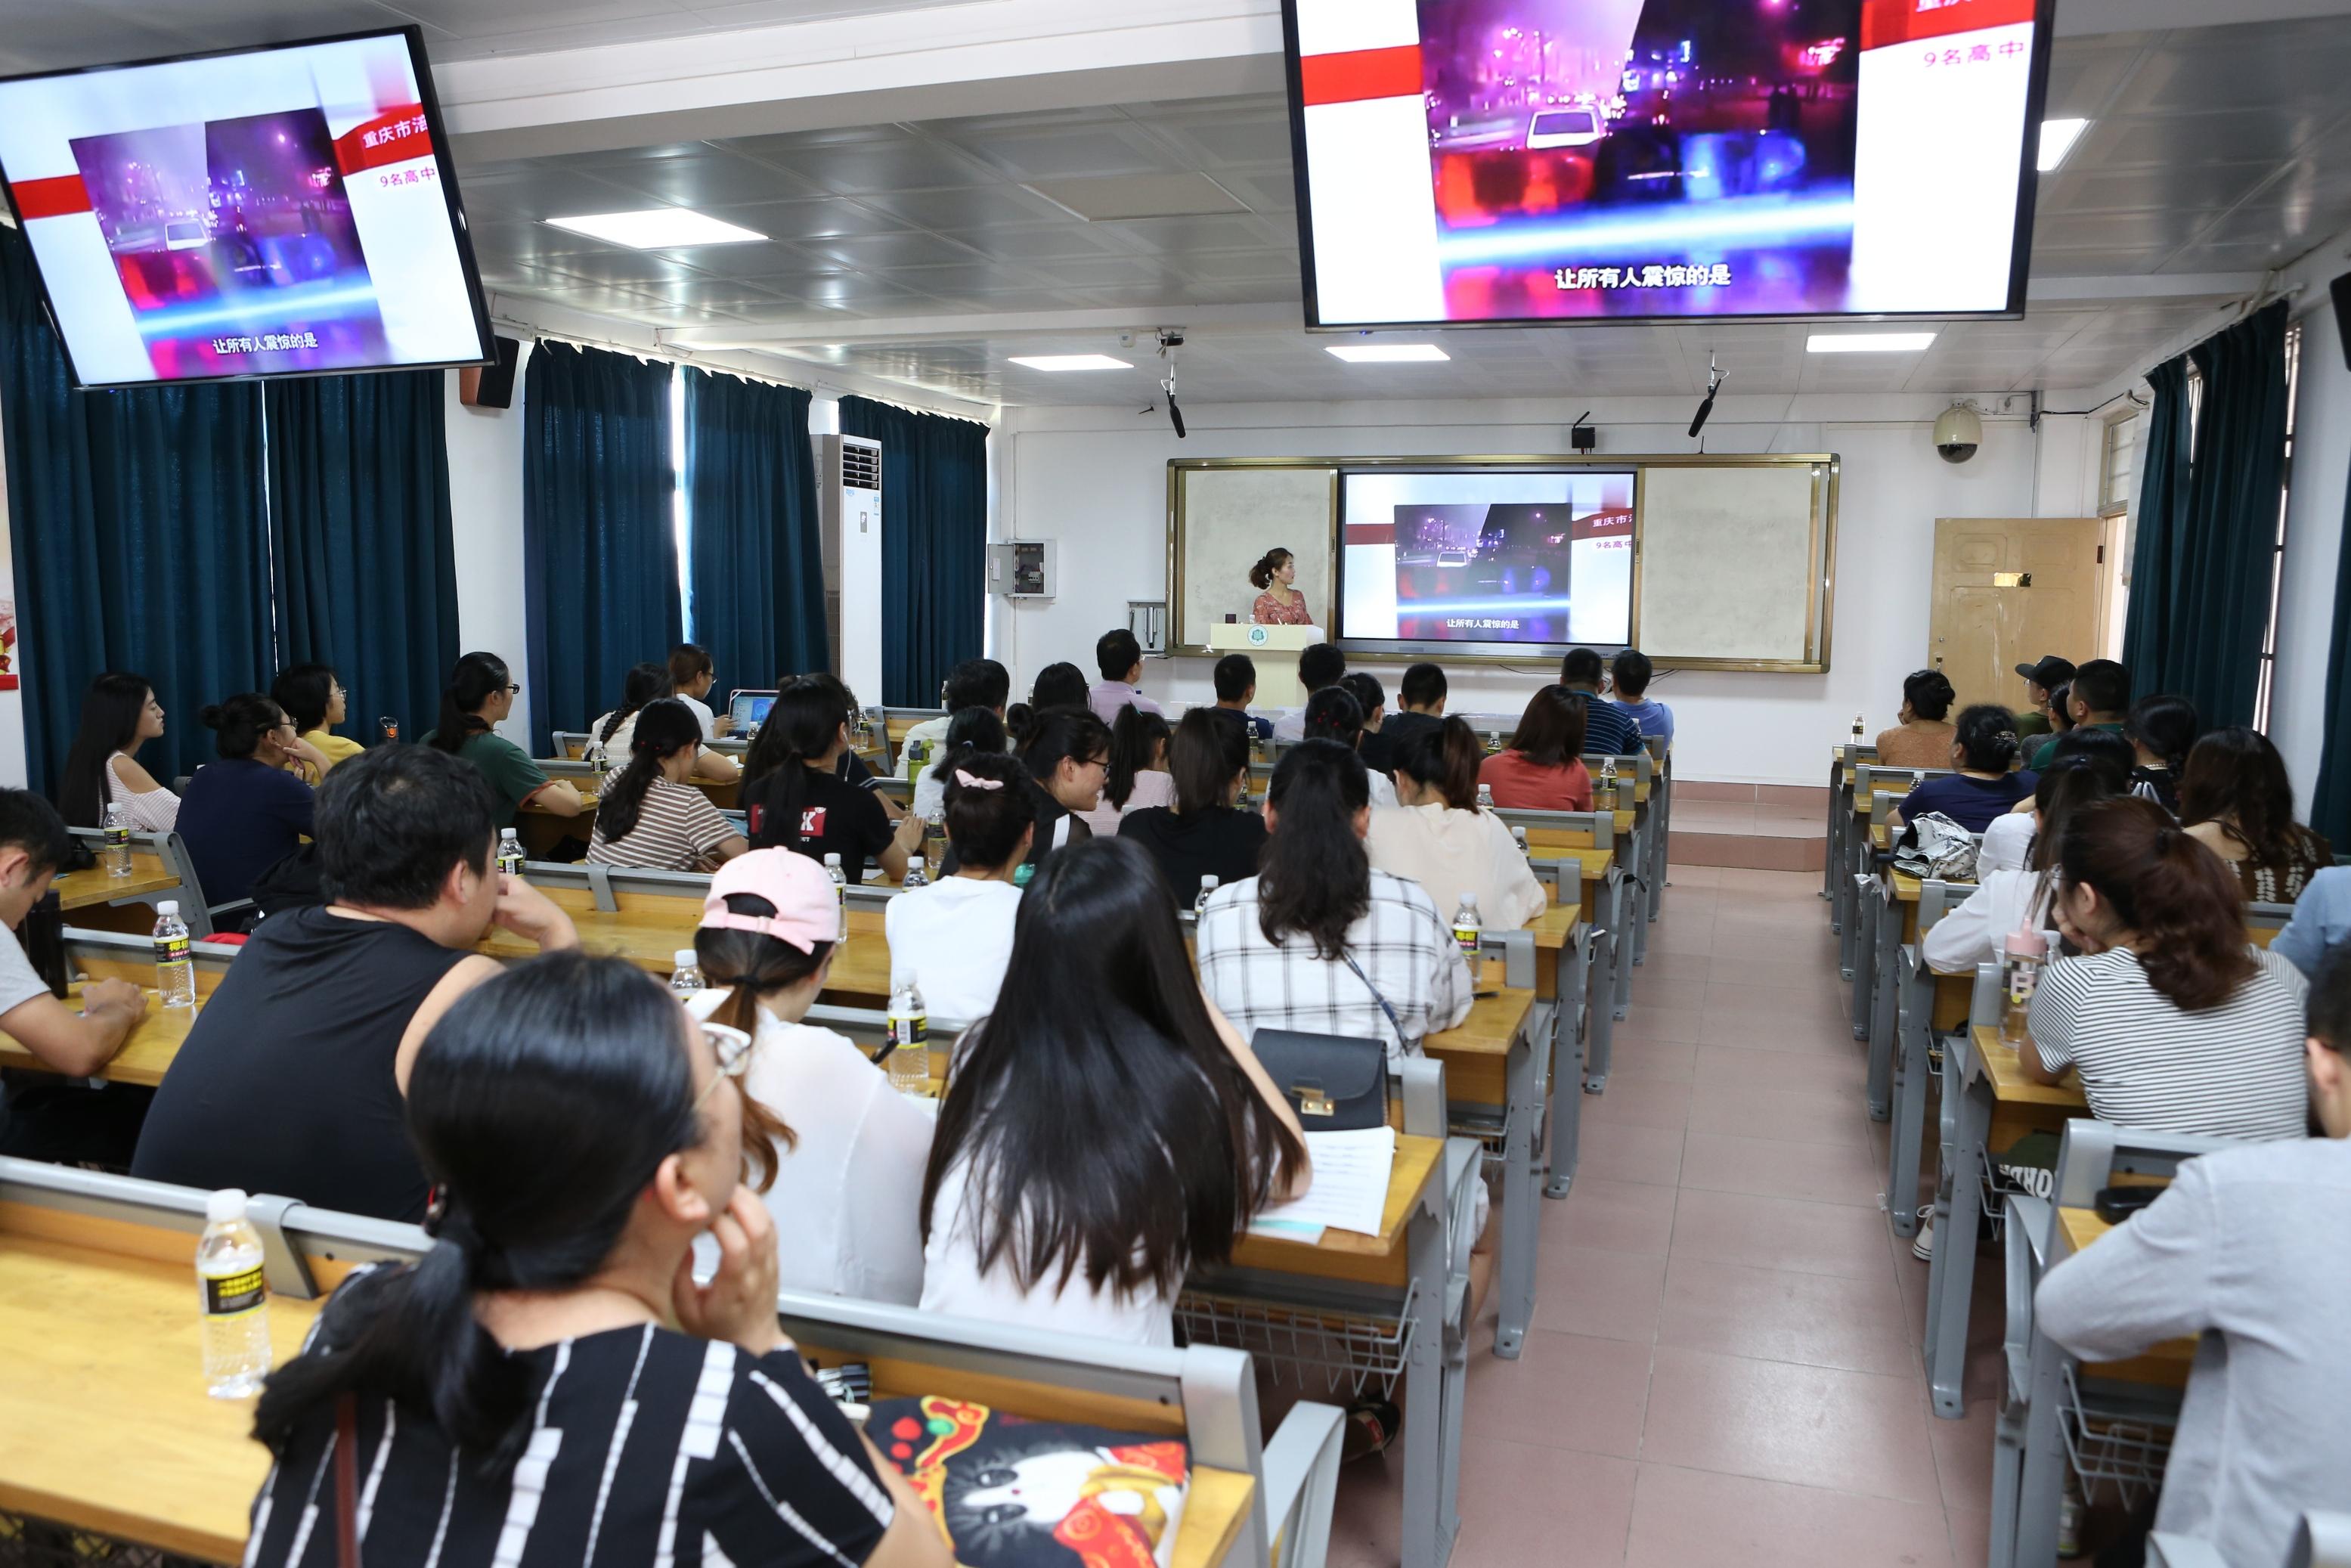 我校举办毒品预防教育师资培训会